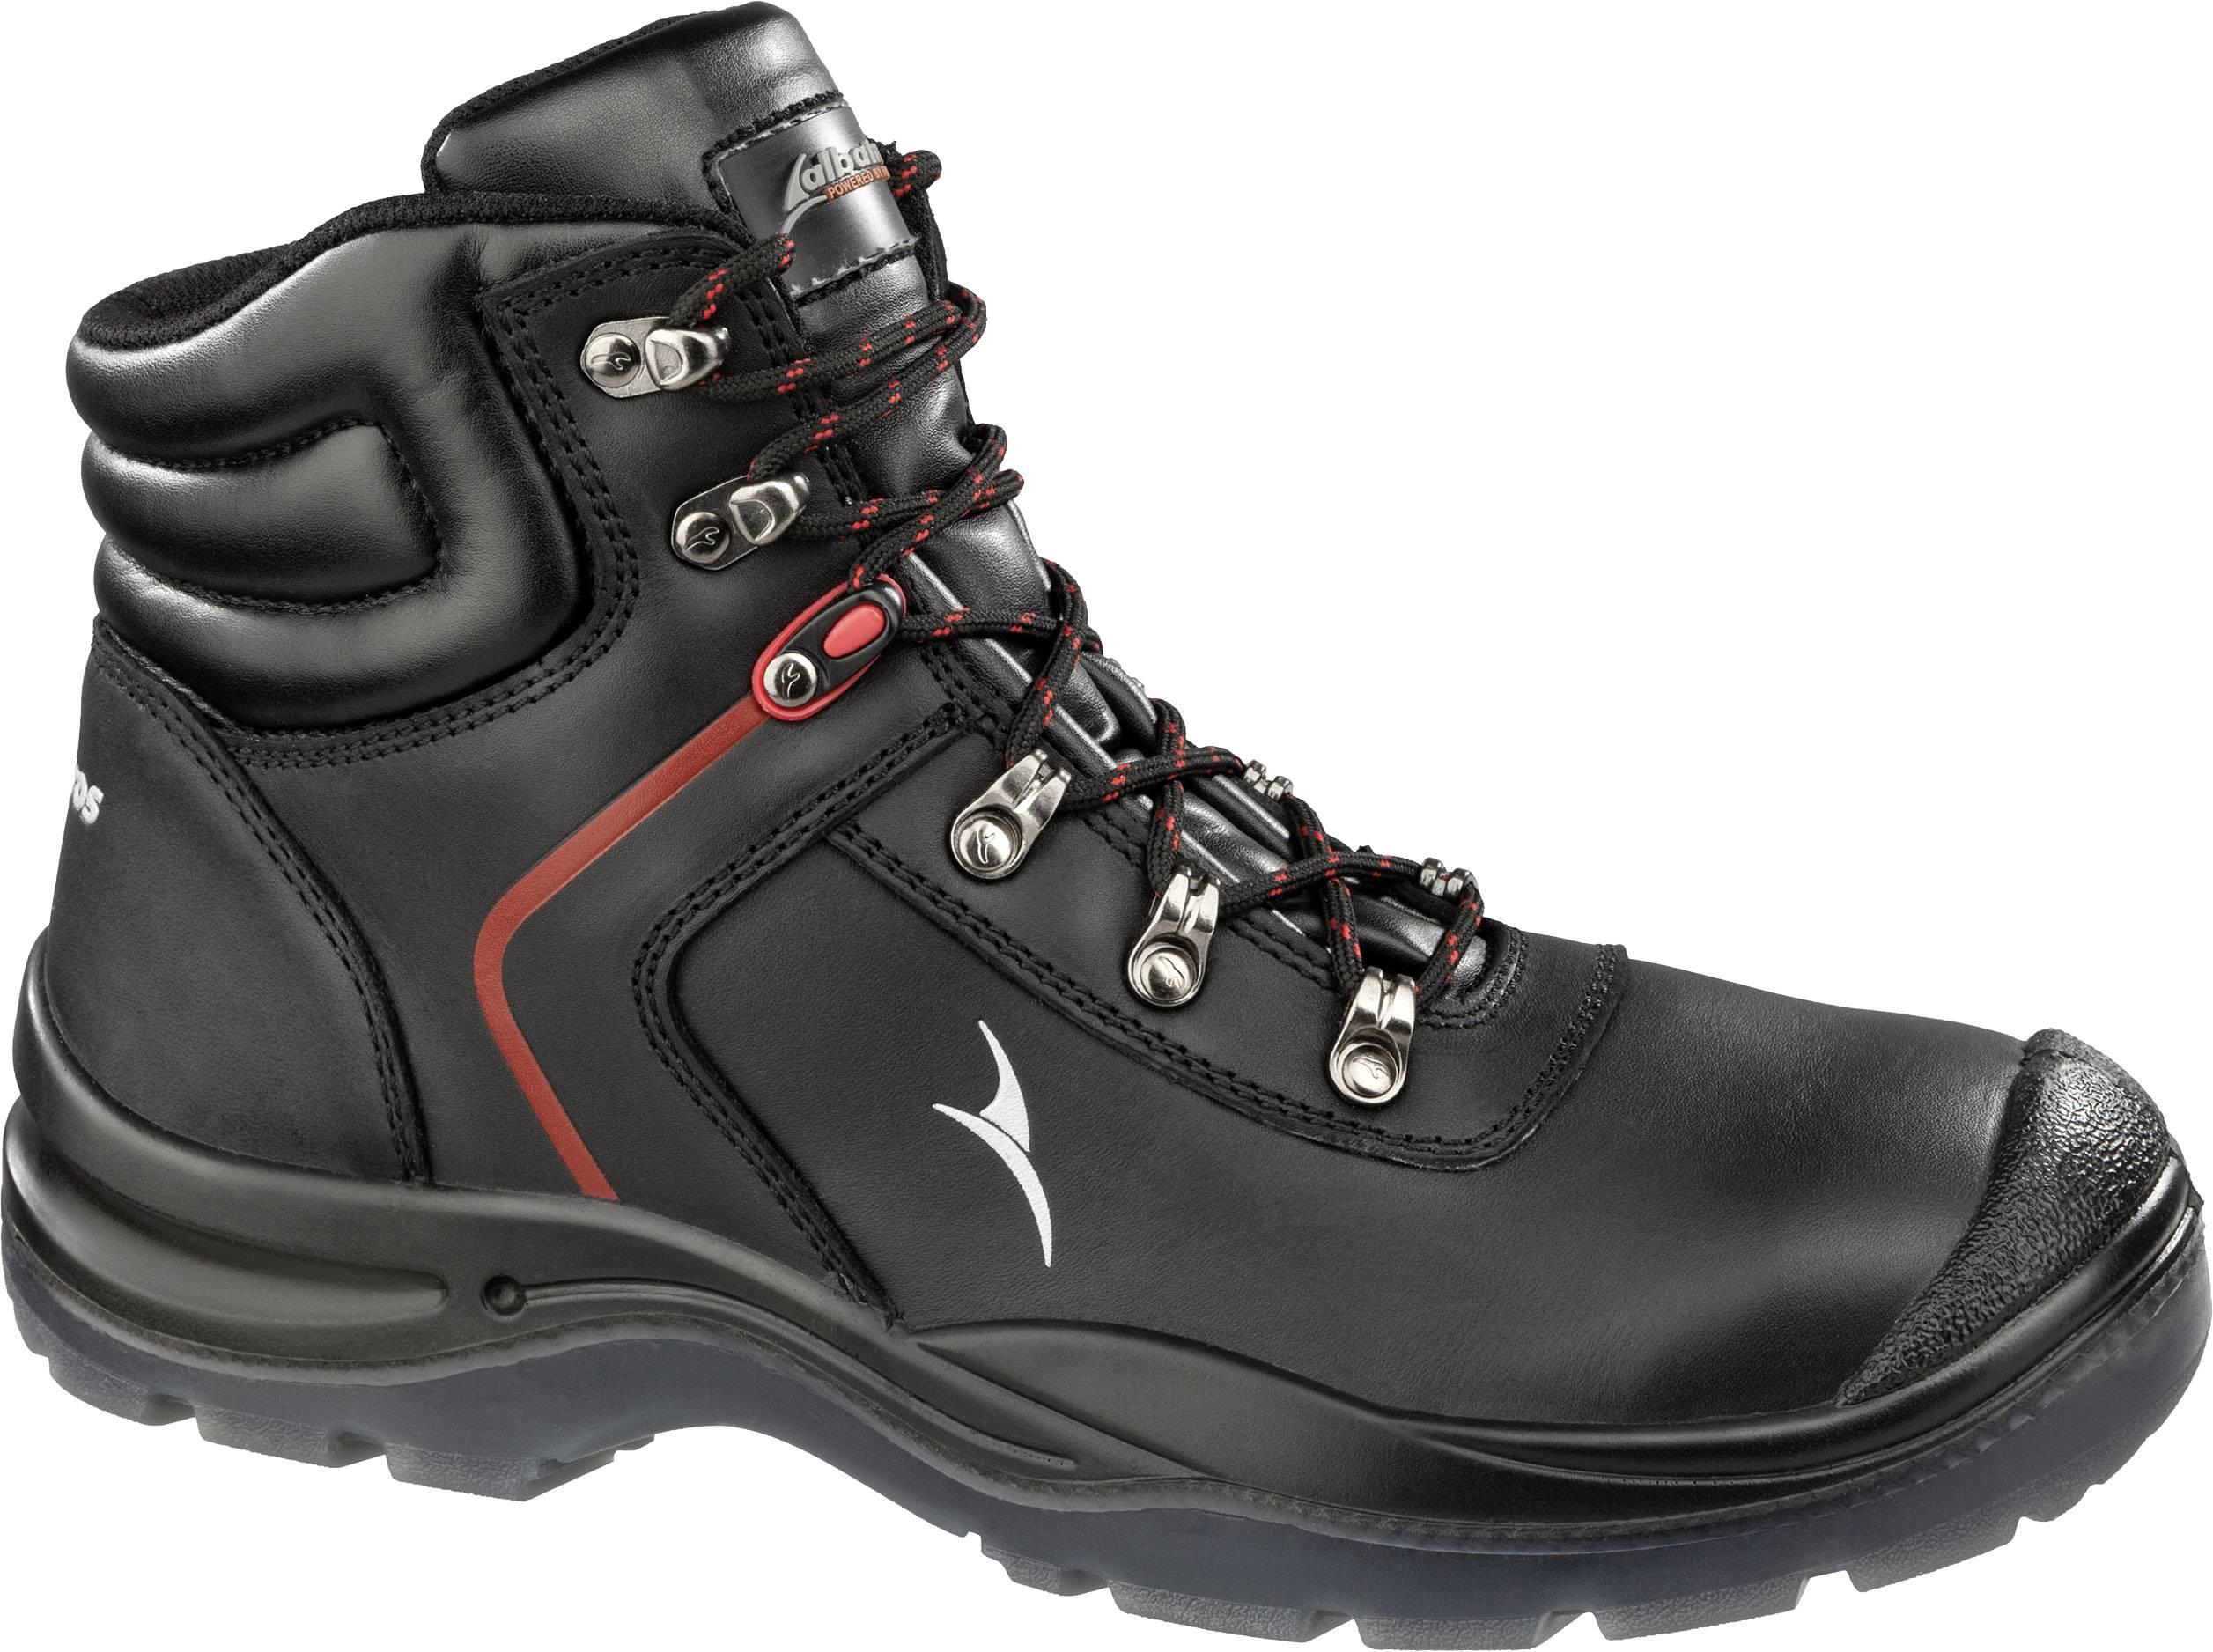 Bezpečnostní pracovní obuv S3 Velikost: 40 Albatros 631080 1 pár